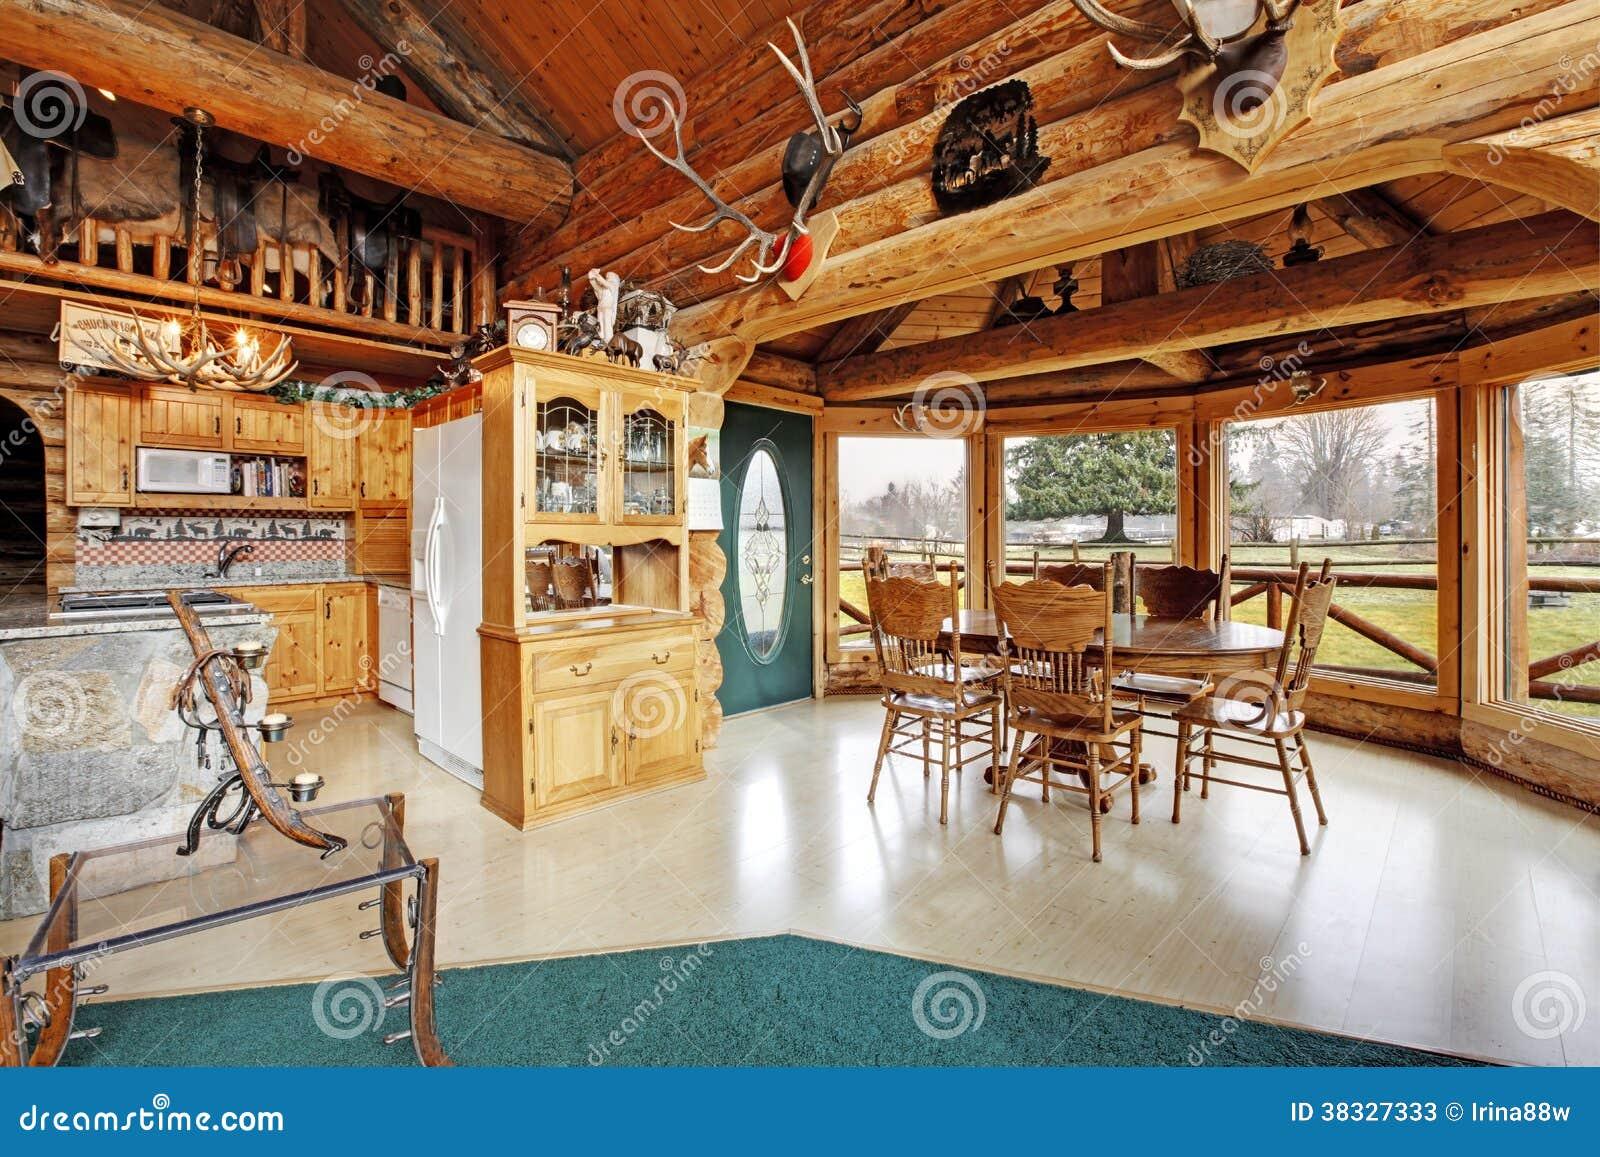 de madeira. Fornecido com os armários de madeira grupo rústico da #B54710 1300x957